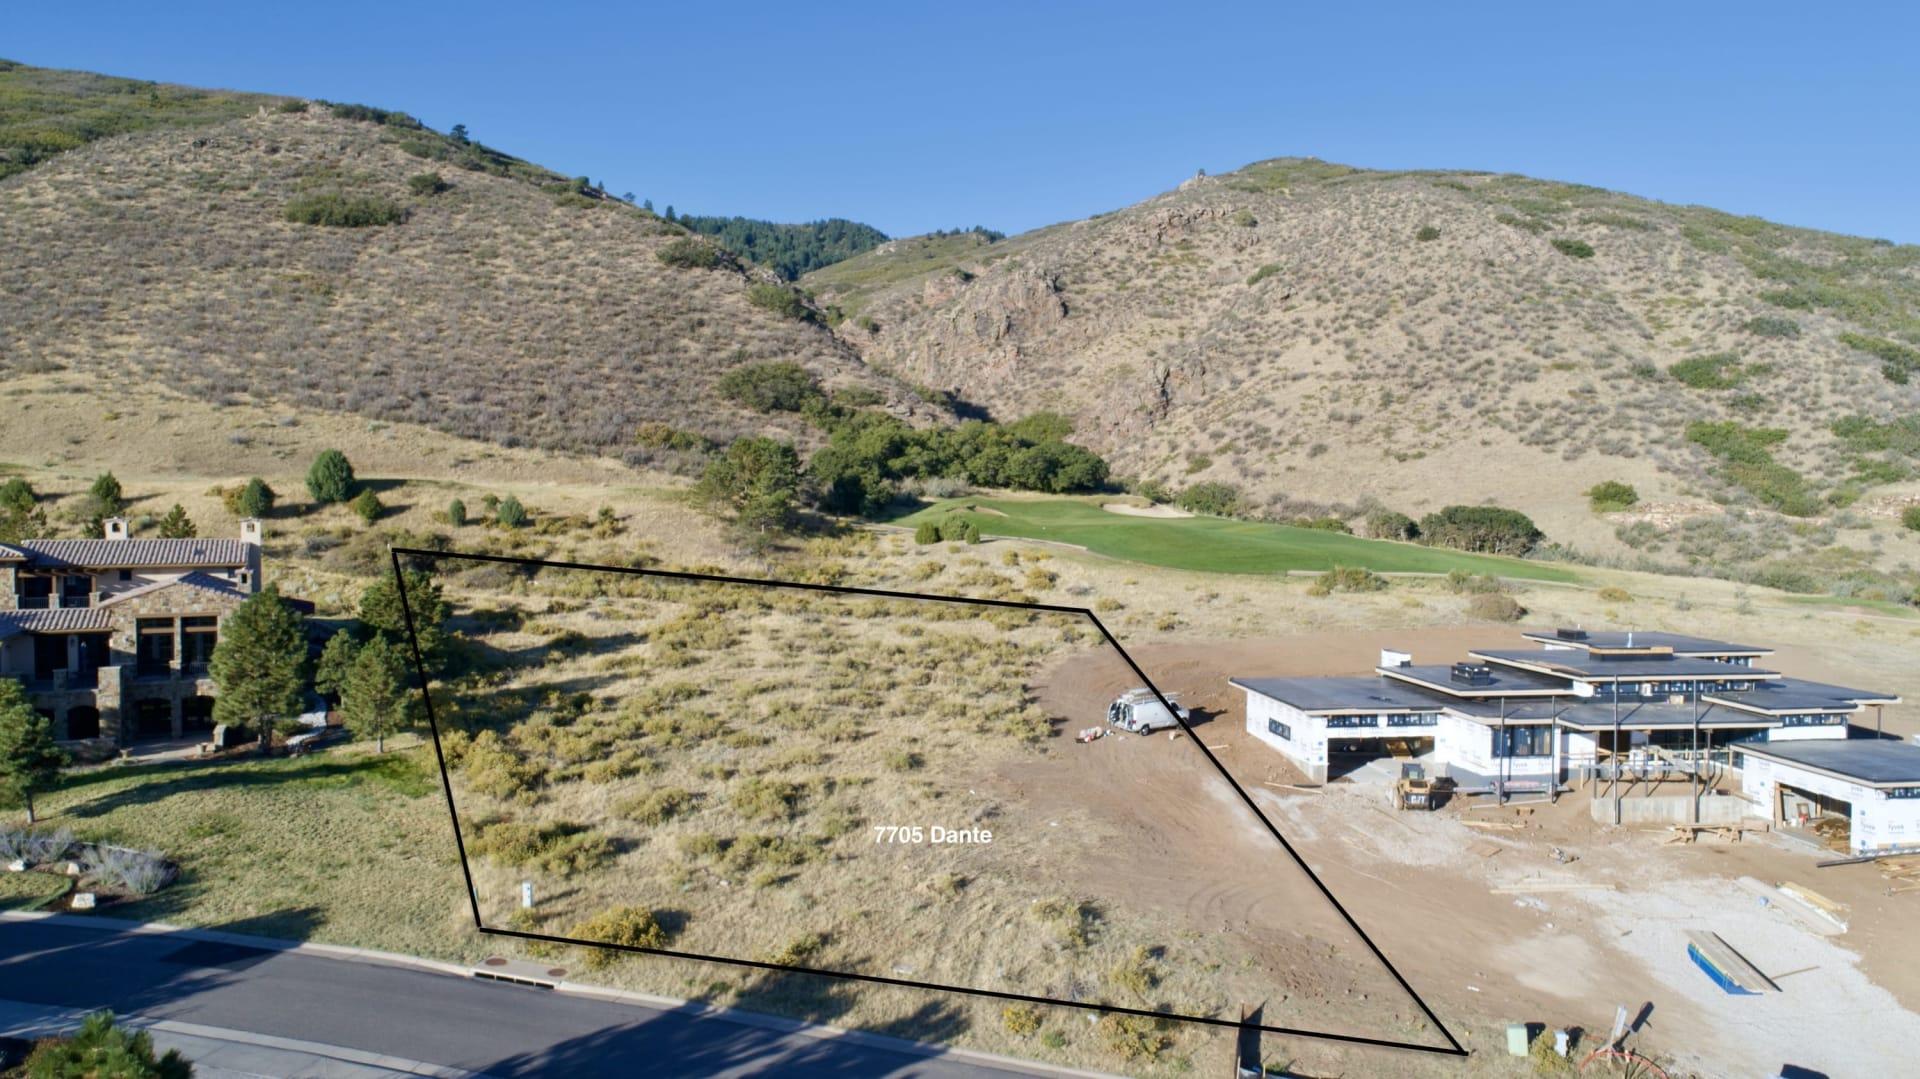 7705 Dante Drive photo